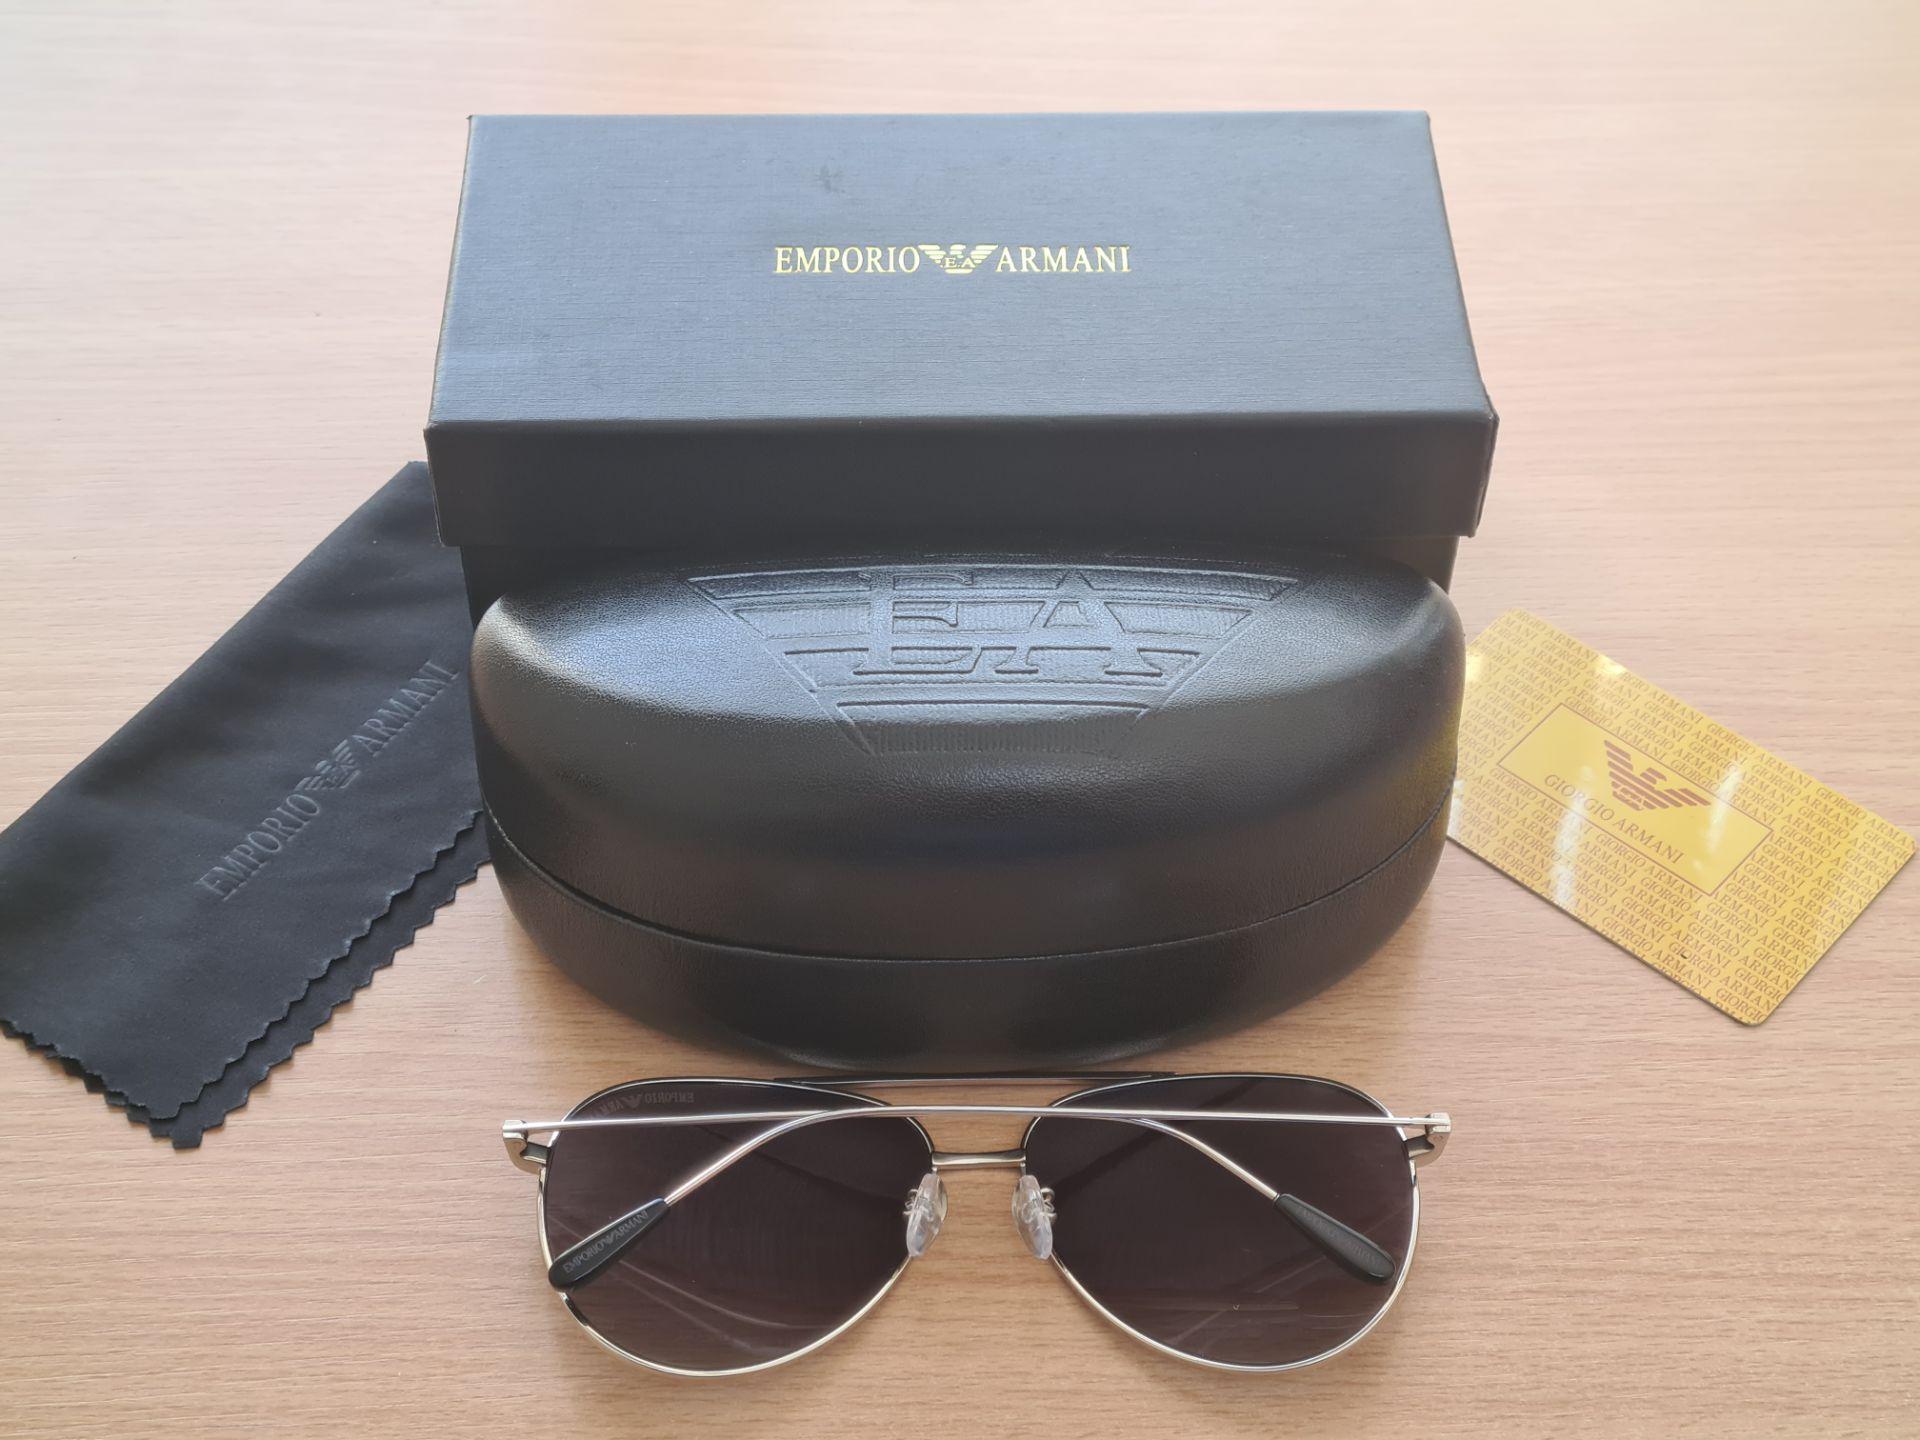 Emporio Armani EA2096 Sunglasses - Image 2 of 2